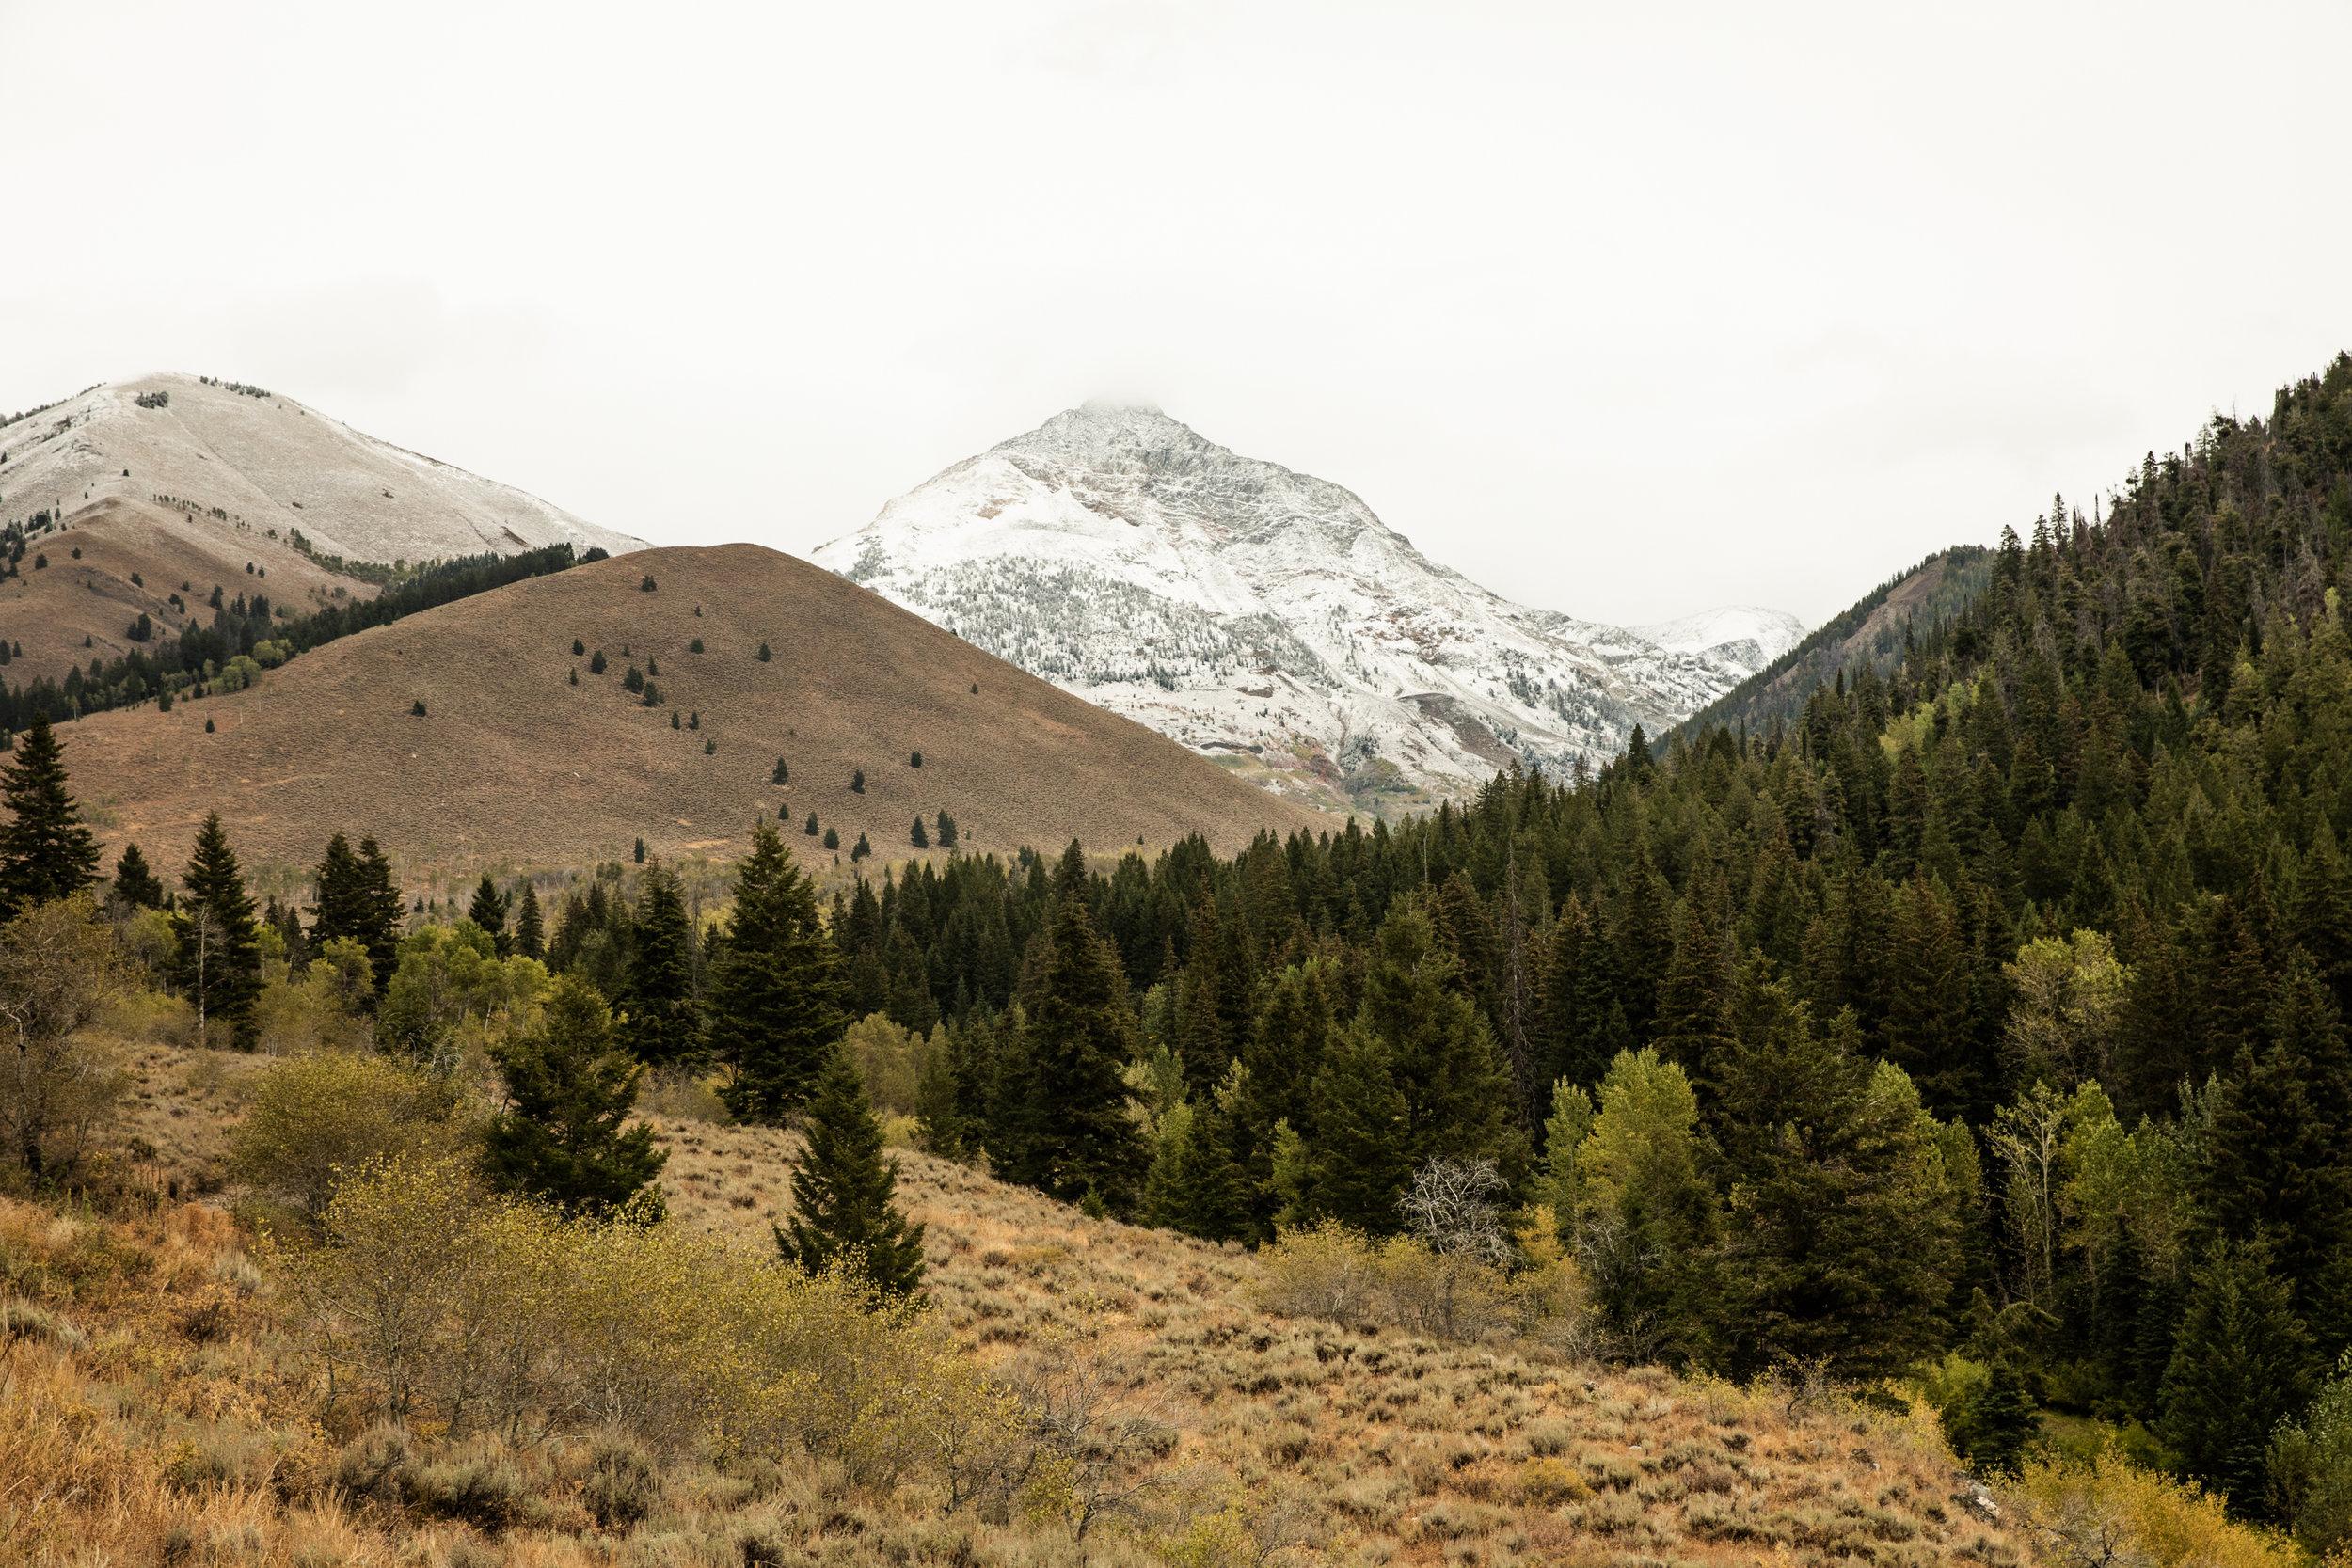 GretaRybus-Idaho-Climate-v2-01-5598.jpg